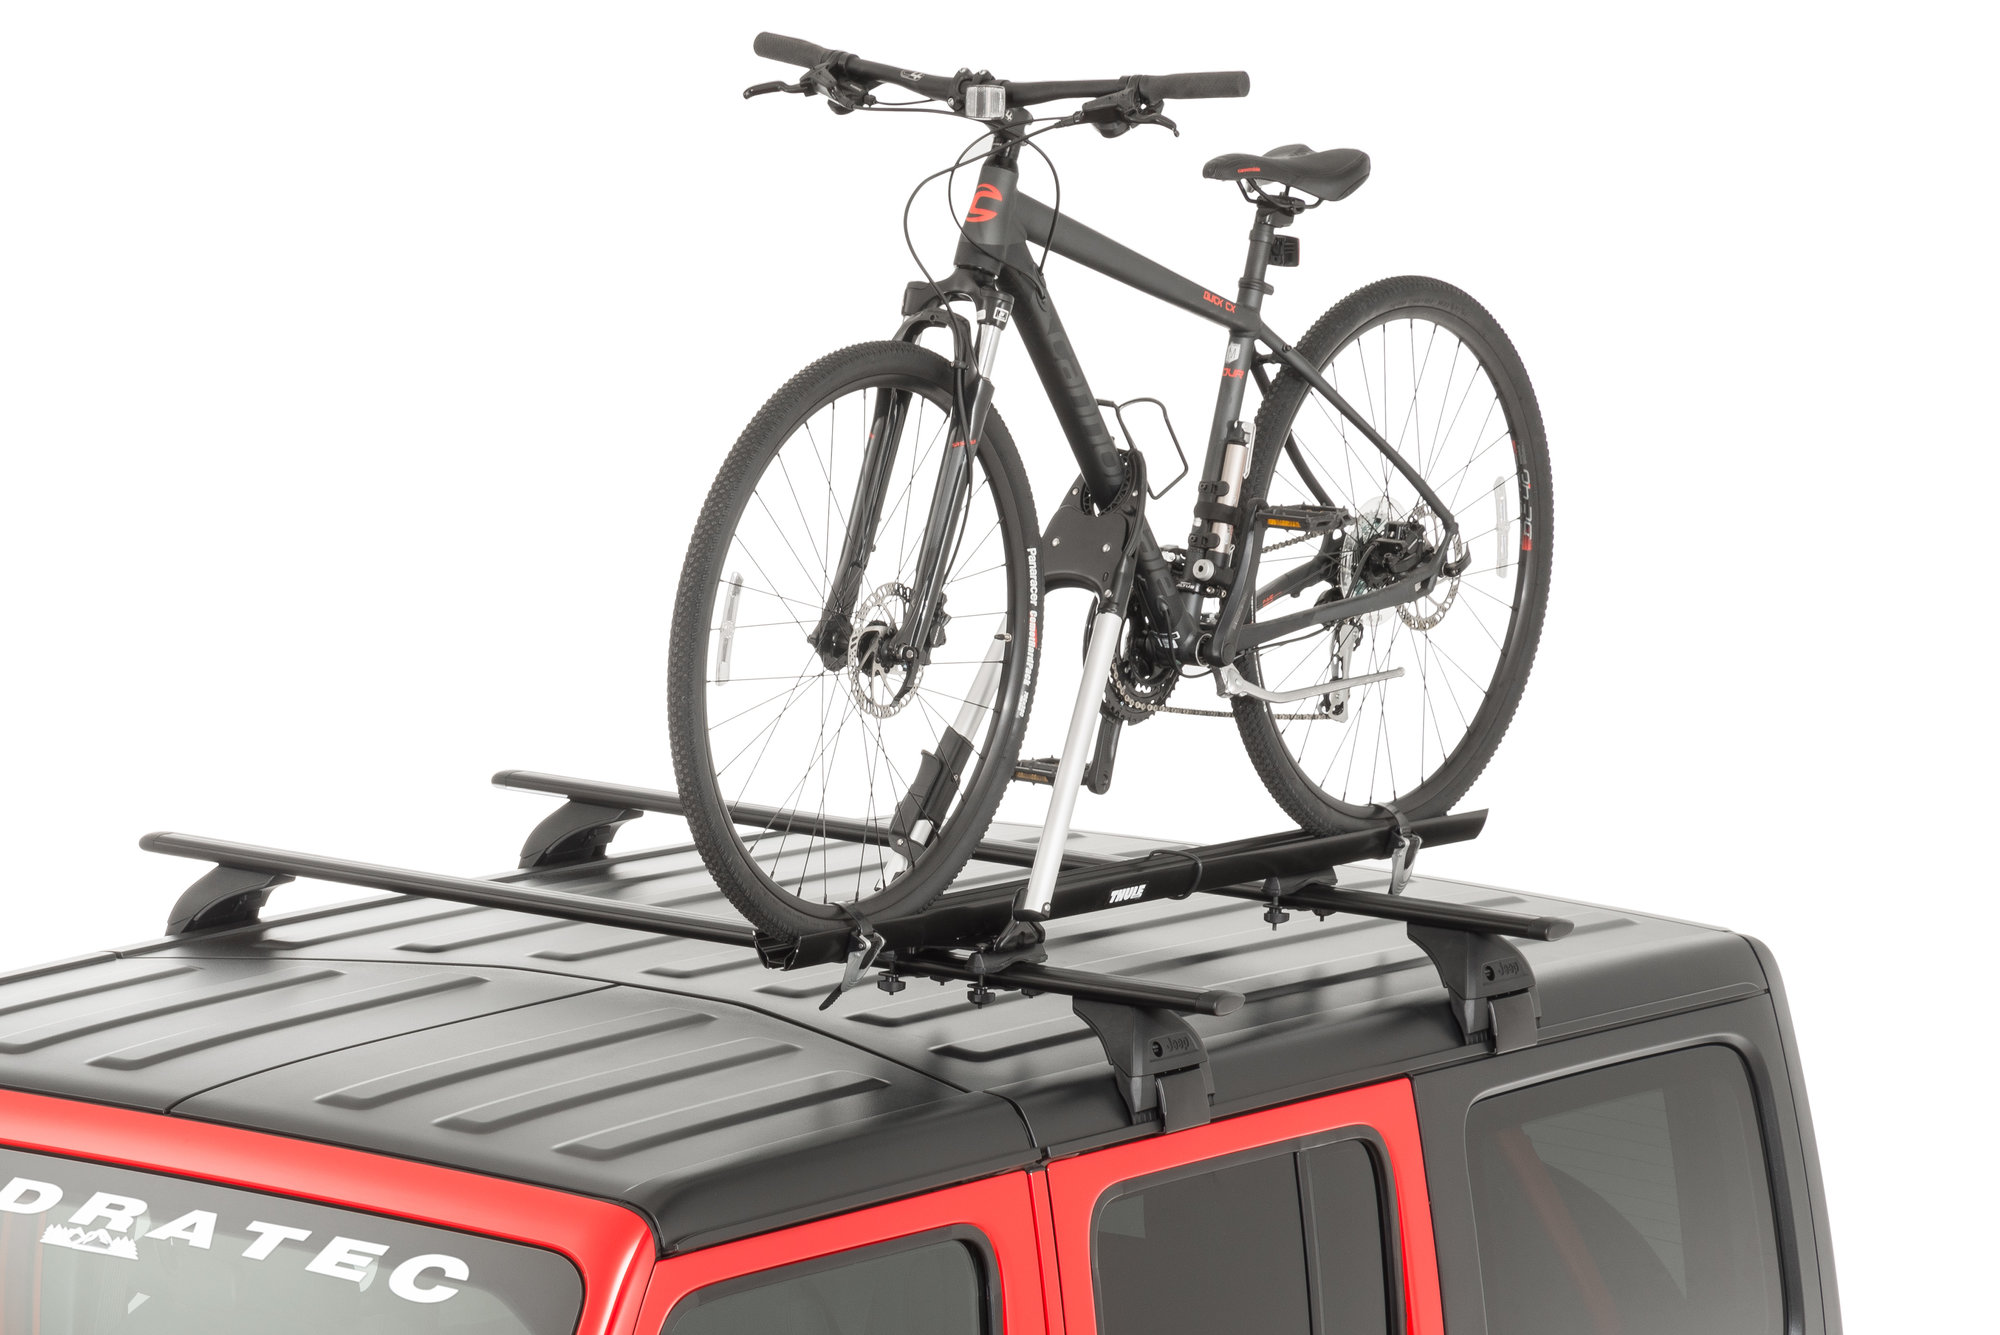 mopar tcoes599 rooftop bike carrier upright mount style